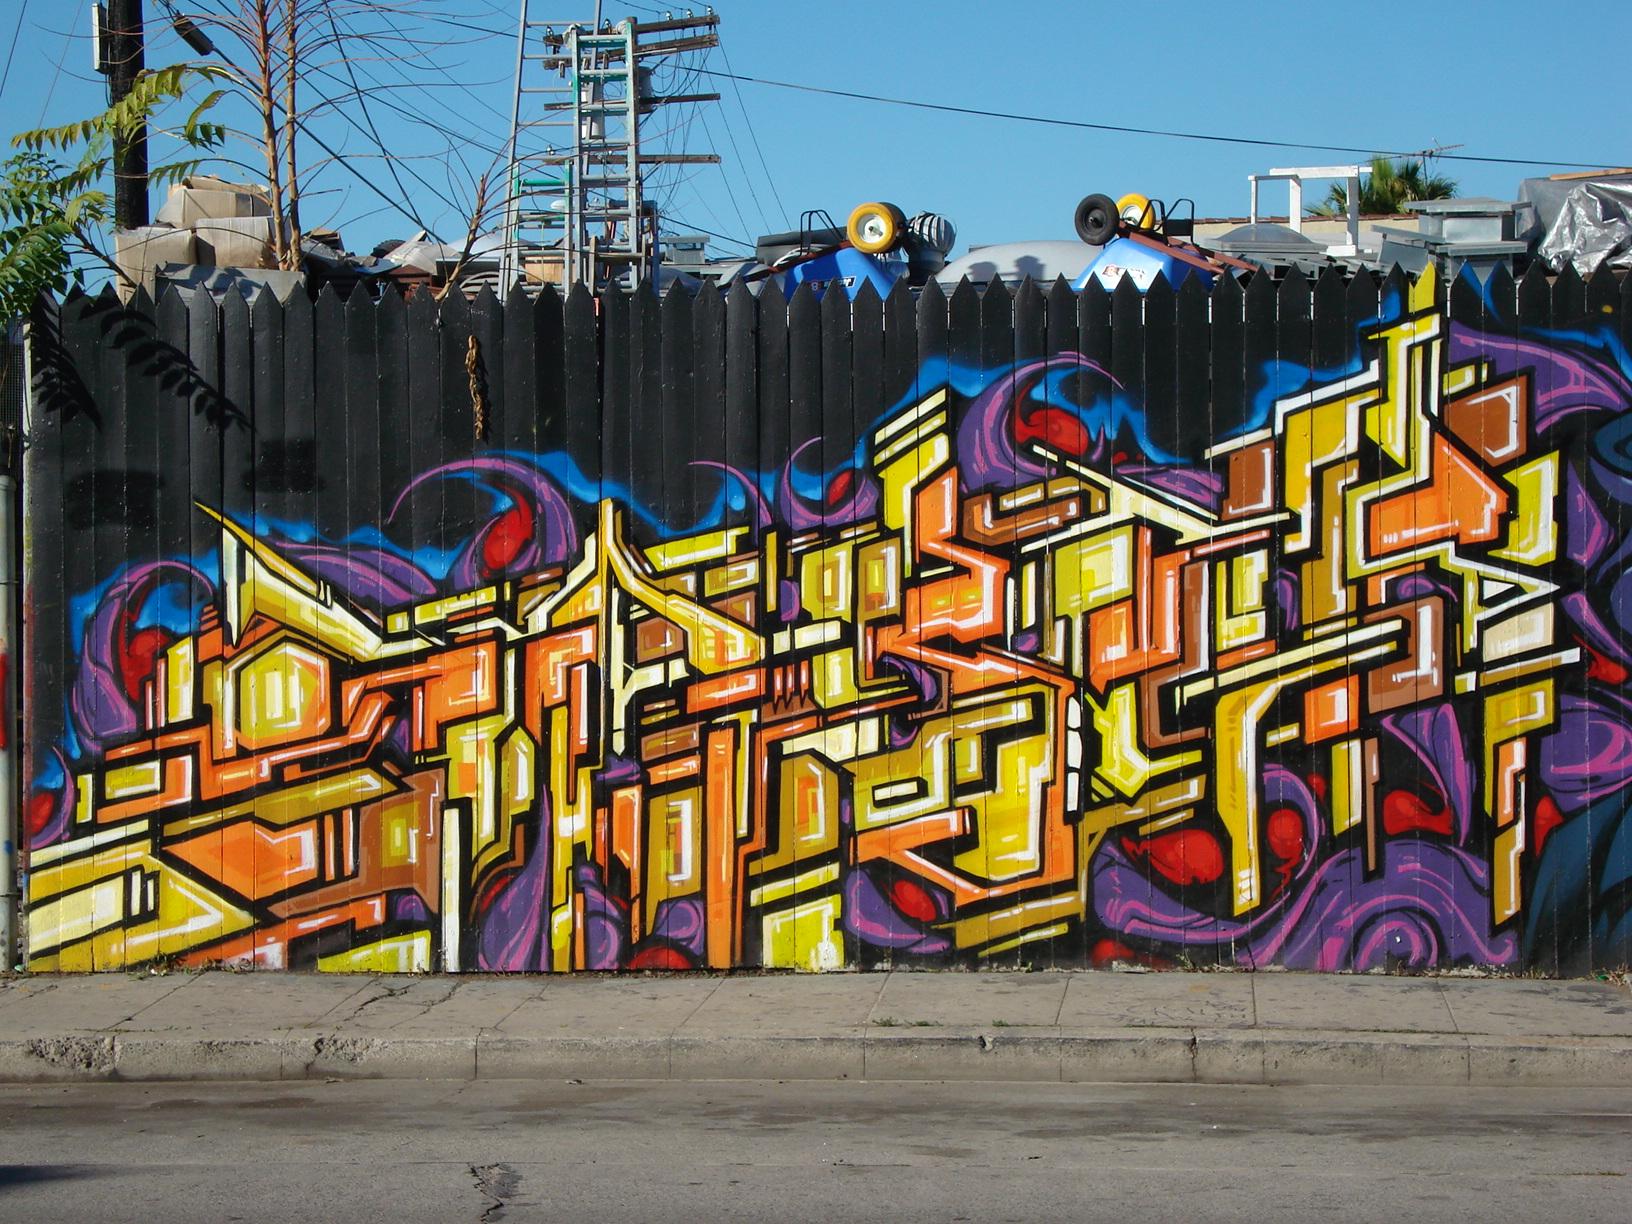 спутниковой из картинка превратить в граффити этом